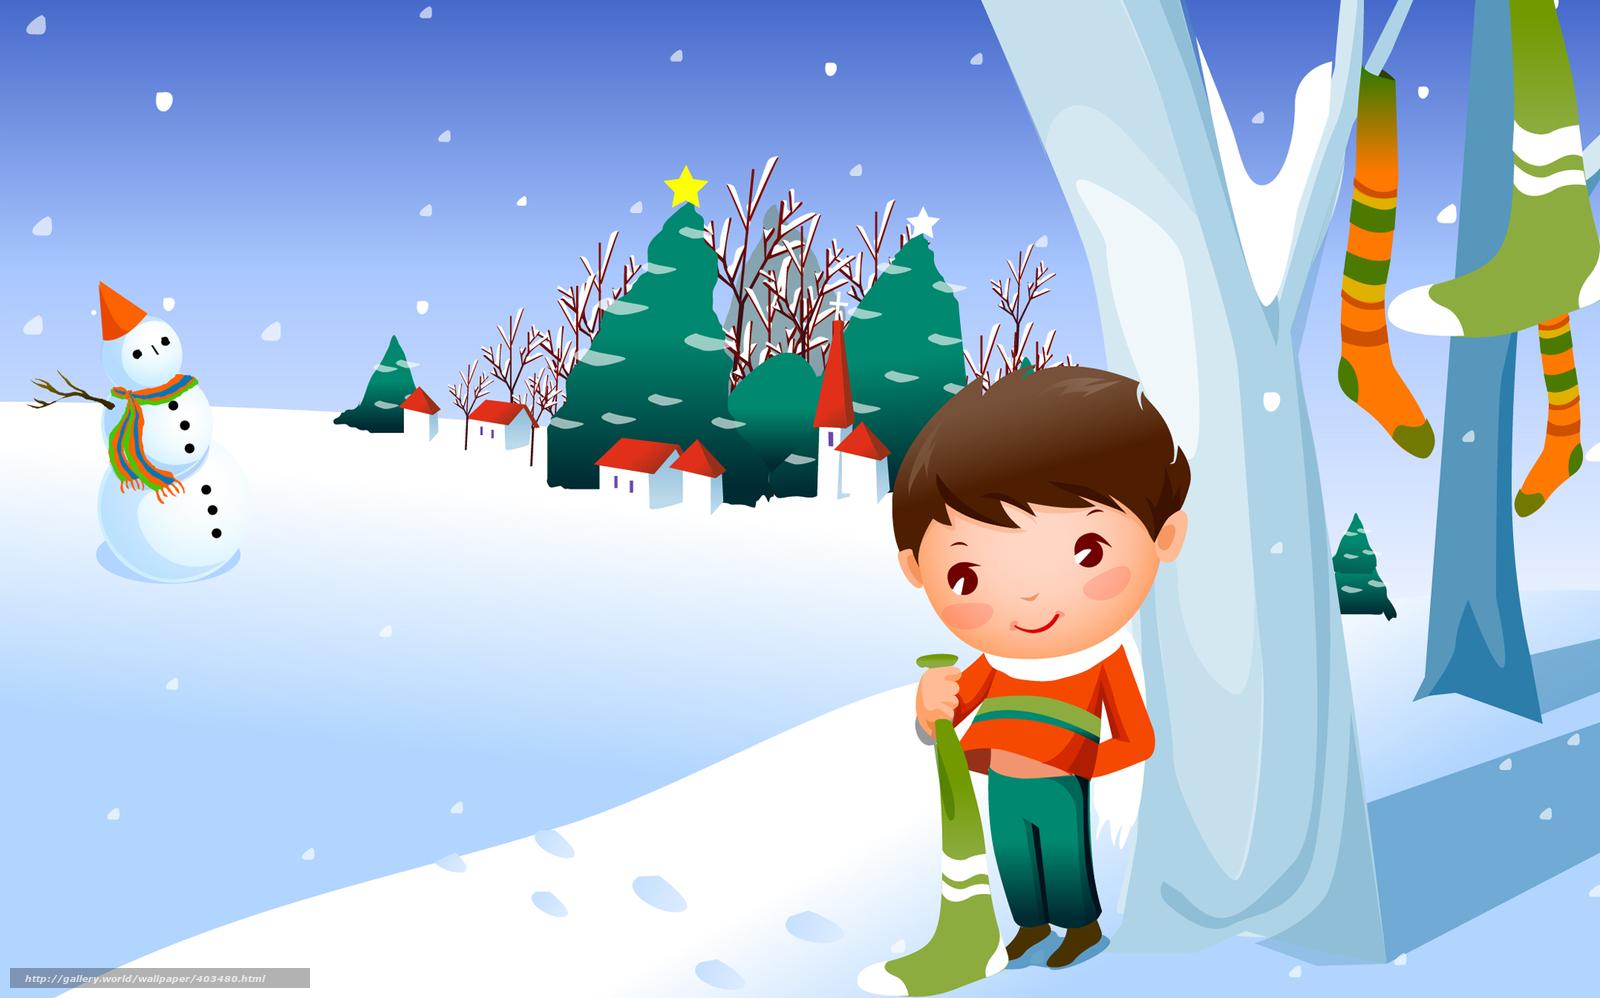 Tlcharger Fond d'ecran Enfants papier peint, hiver, neige, garon Fonds d'ecran gratuits pour ...